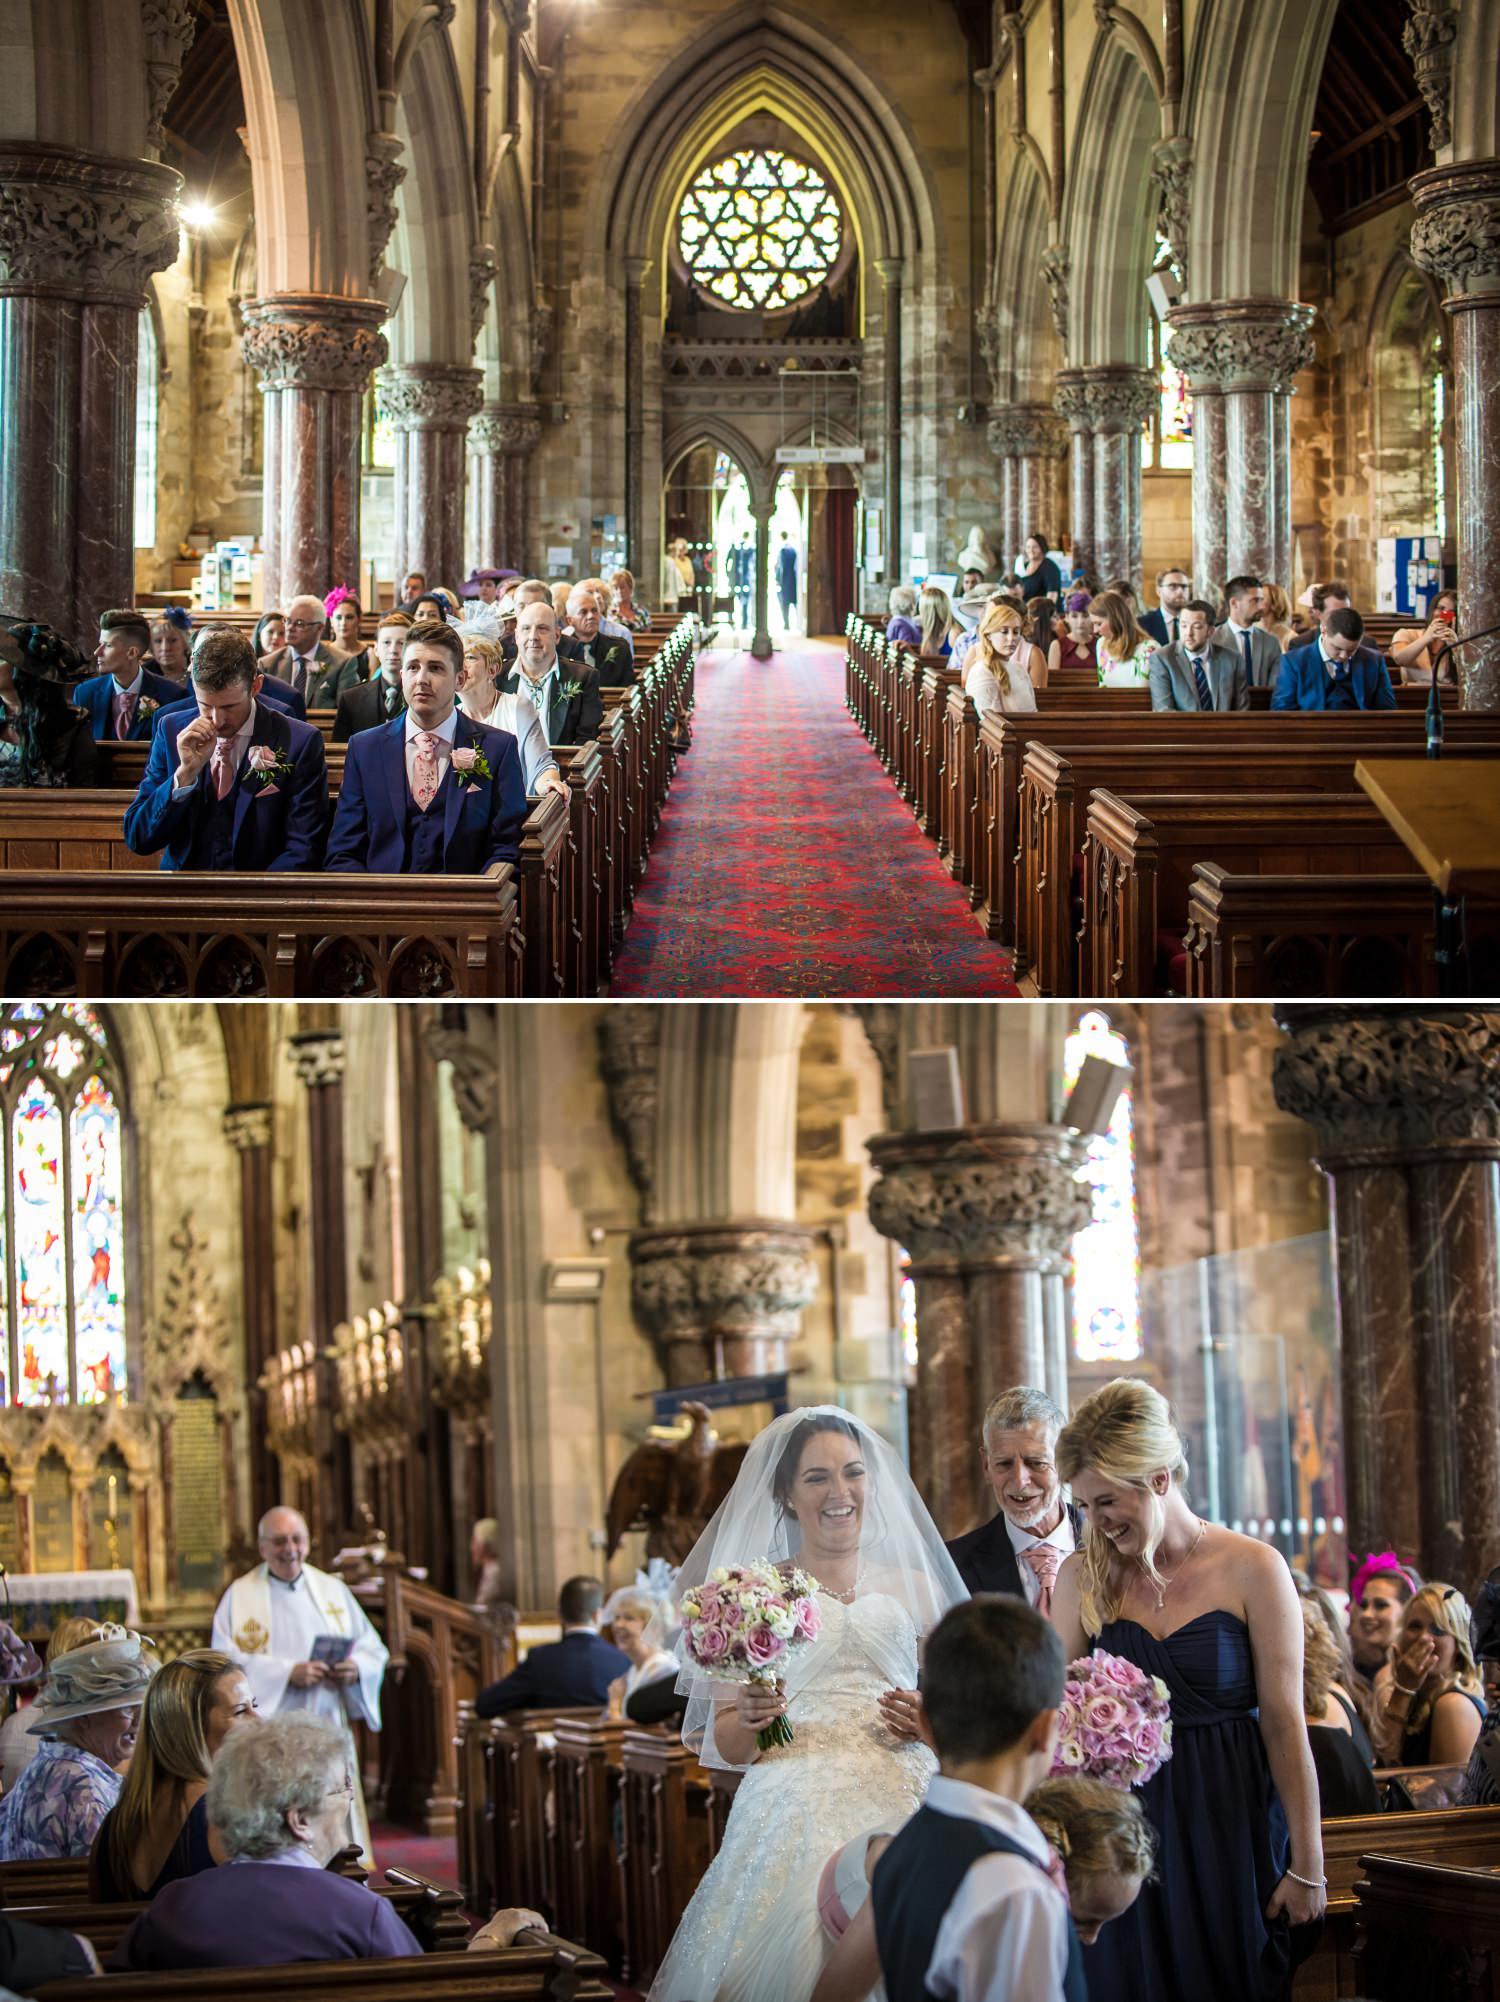 Wedding photography at Faenol Fawr church ceremony